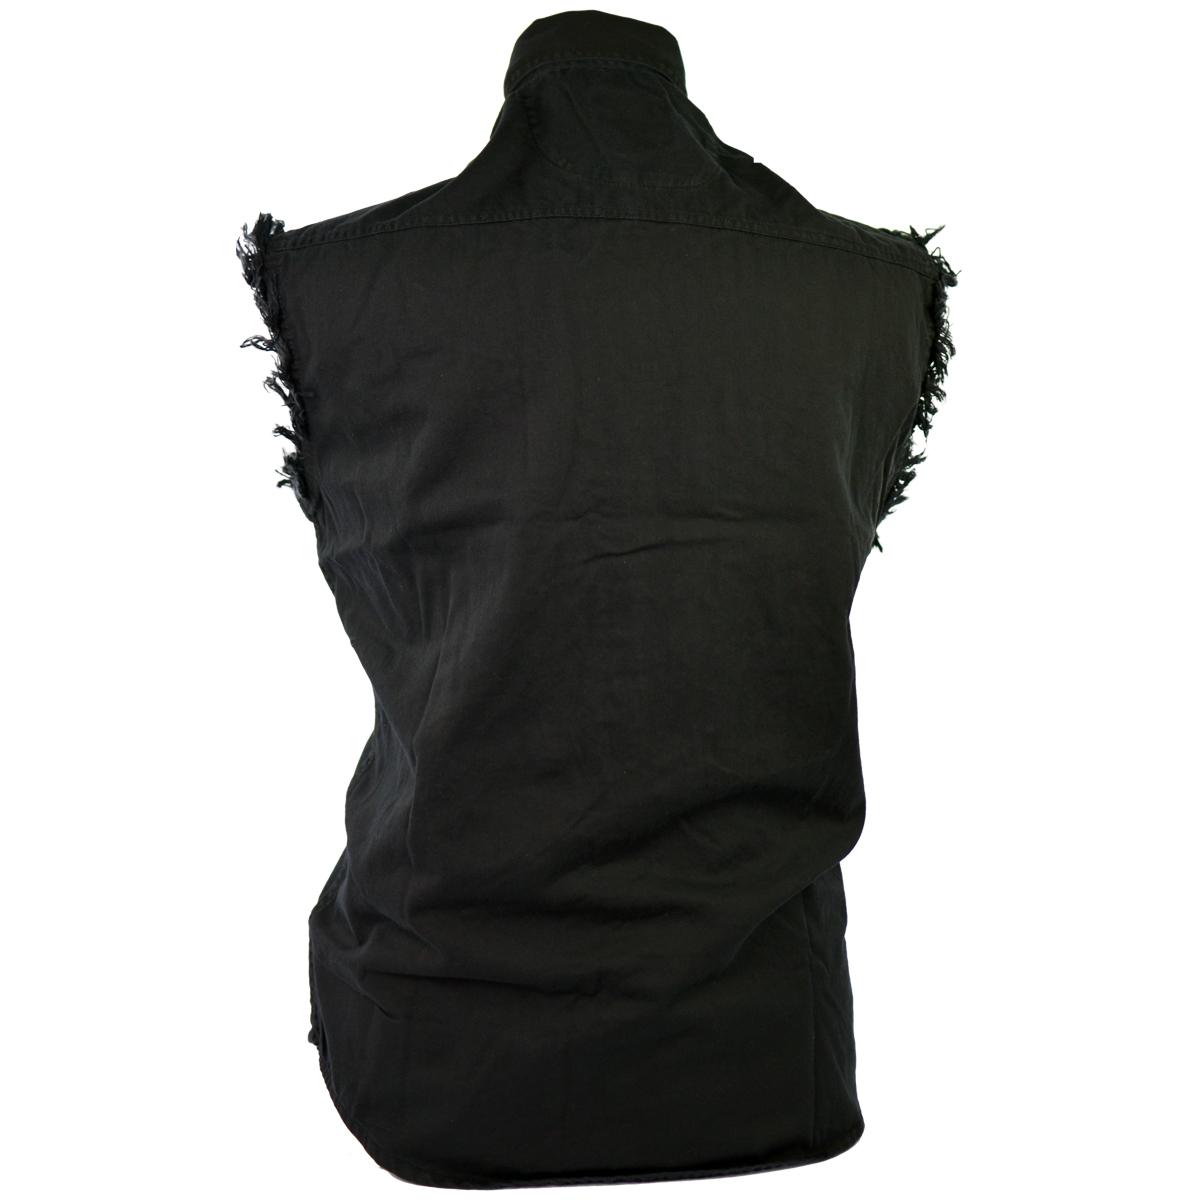 classic biker cutoff sleeveless shirts JKMQPQN